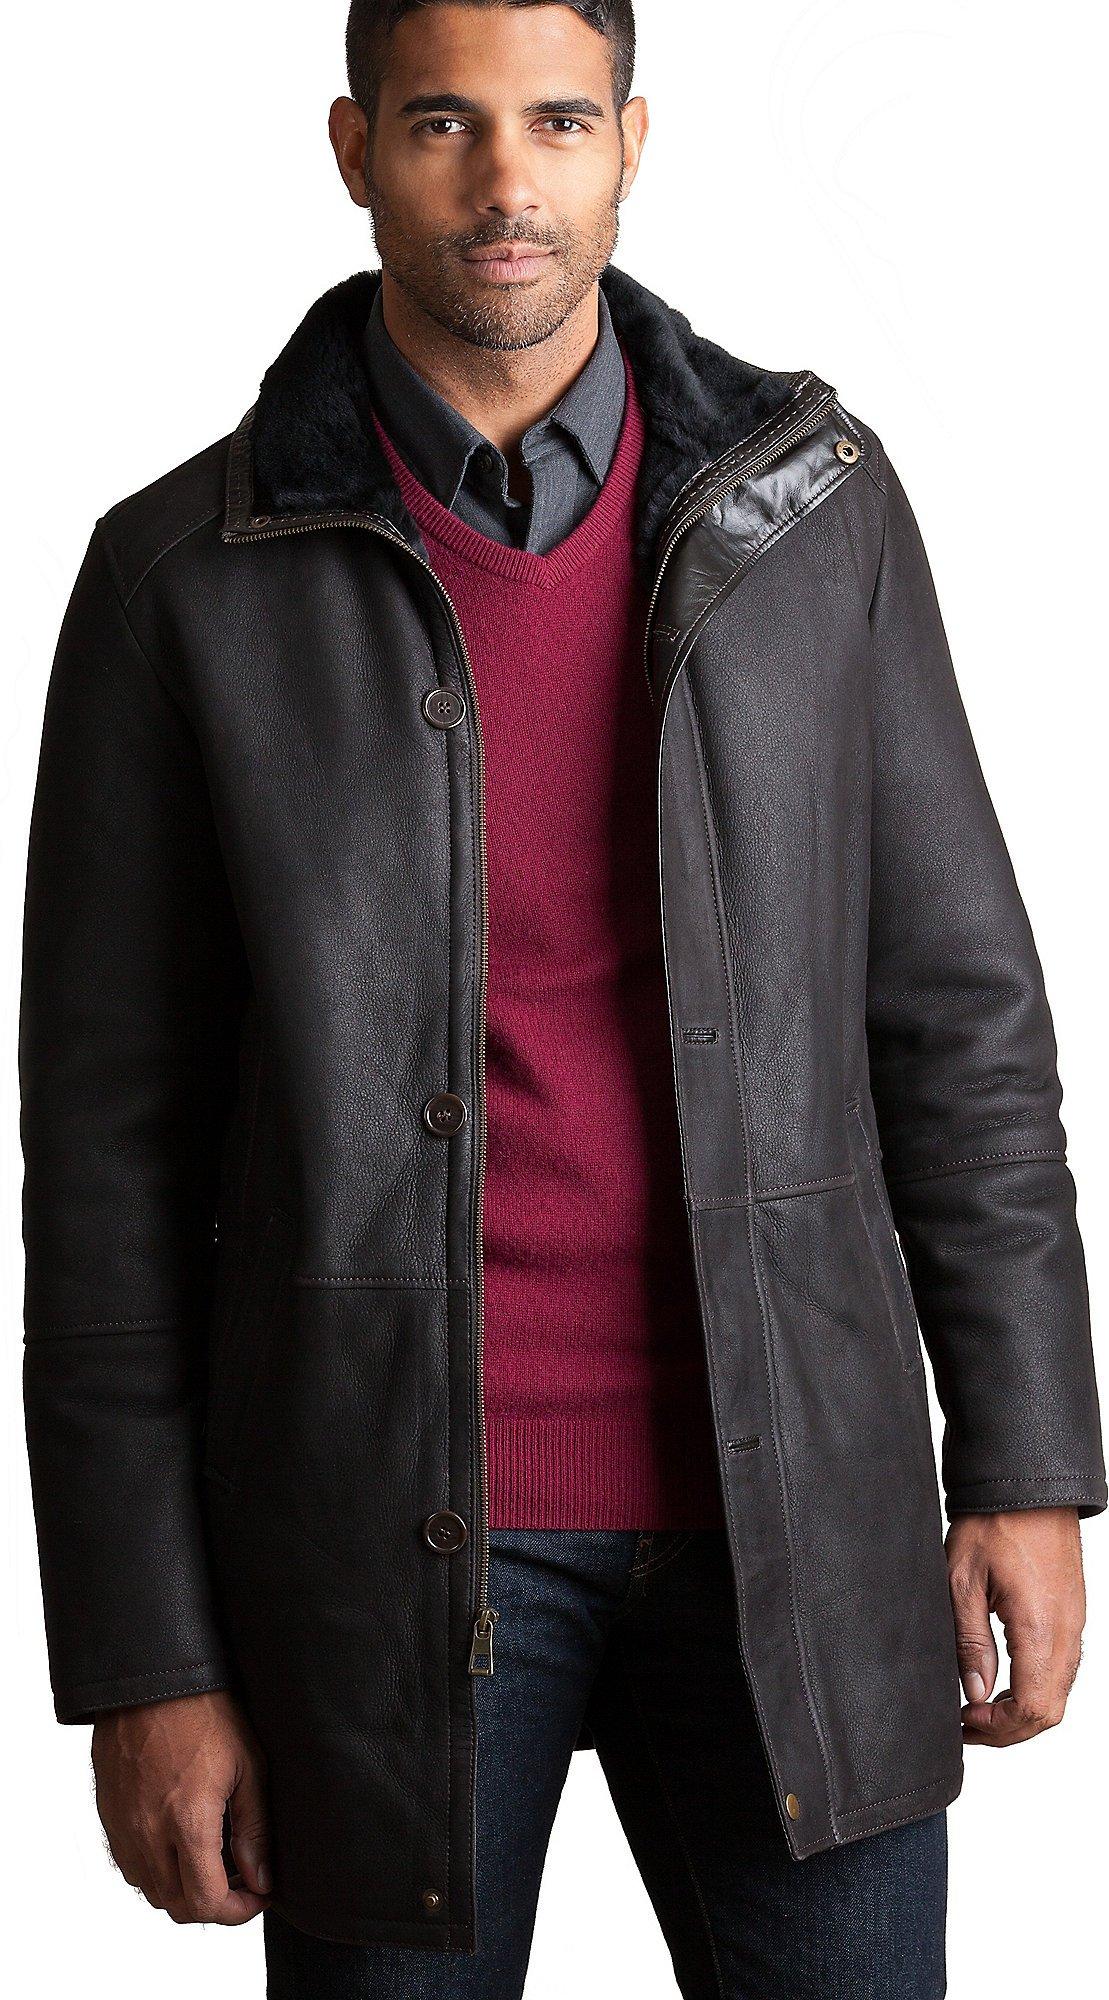 Overland Sheepskin Co. Anderson Spanish Merino Sheepskin Coat, Dark Brown, Size Medium (42)